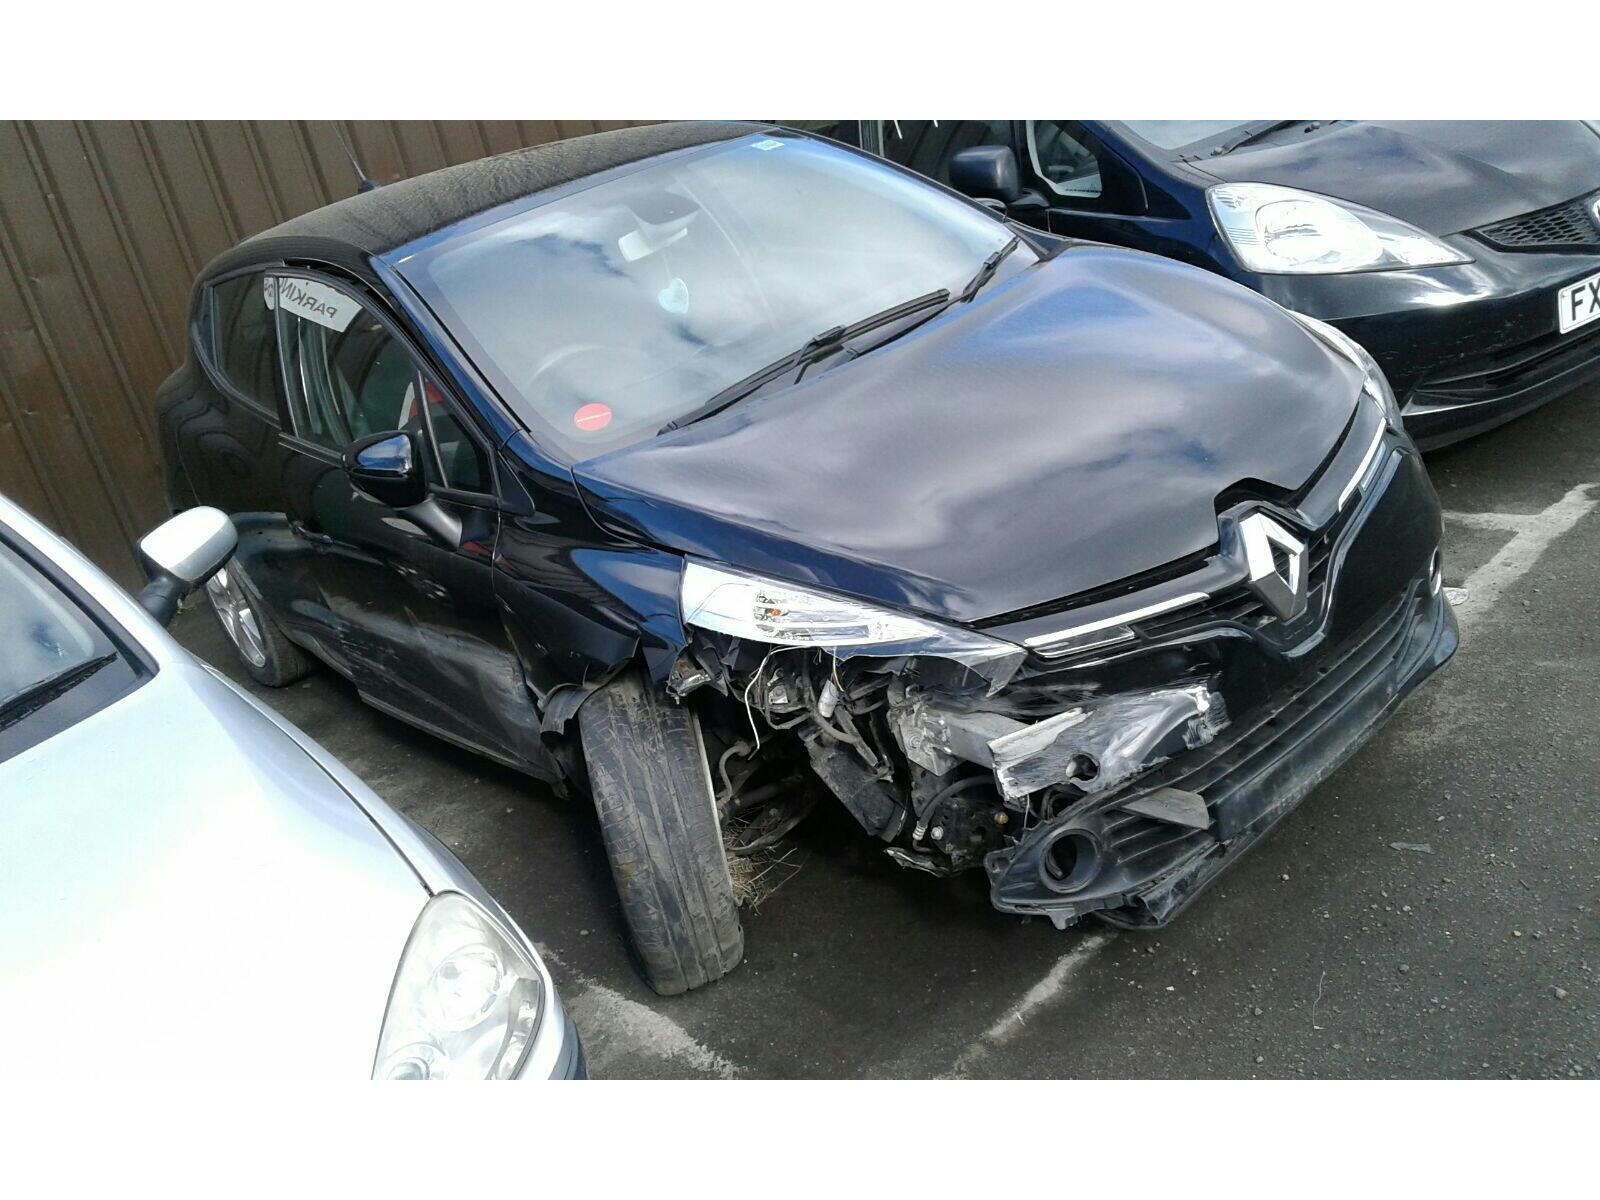 ... Renault Clio 2013 To 2016 5 Door Hatchback ...